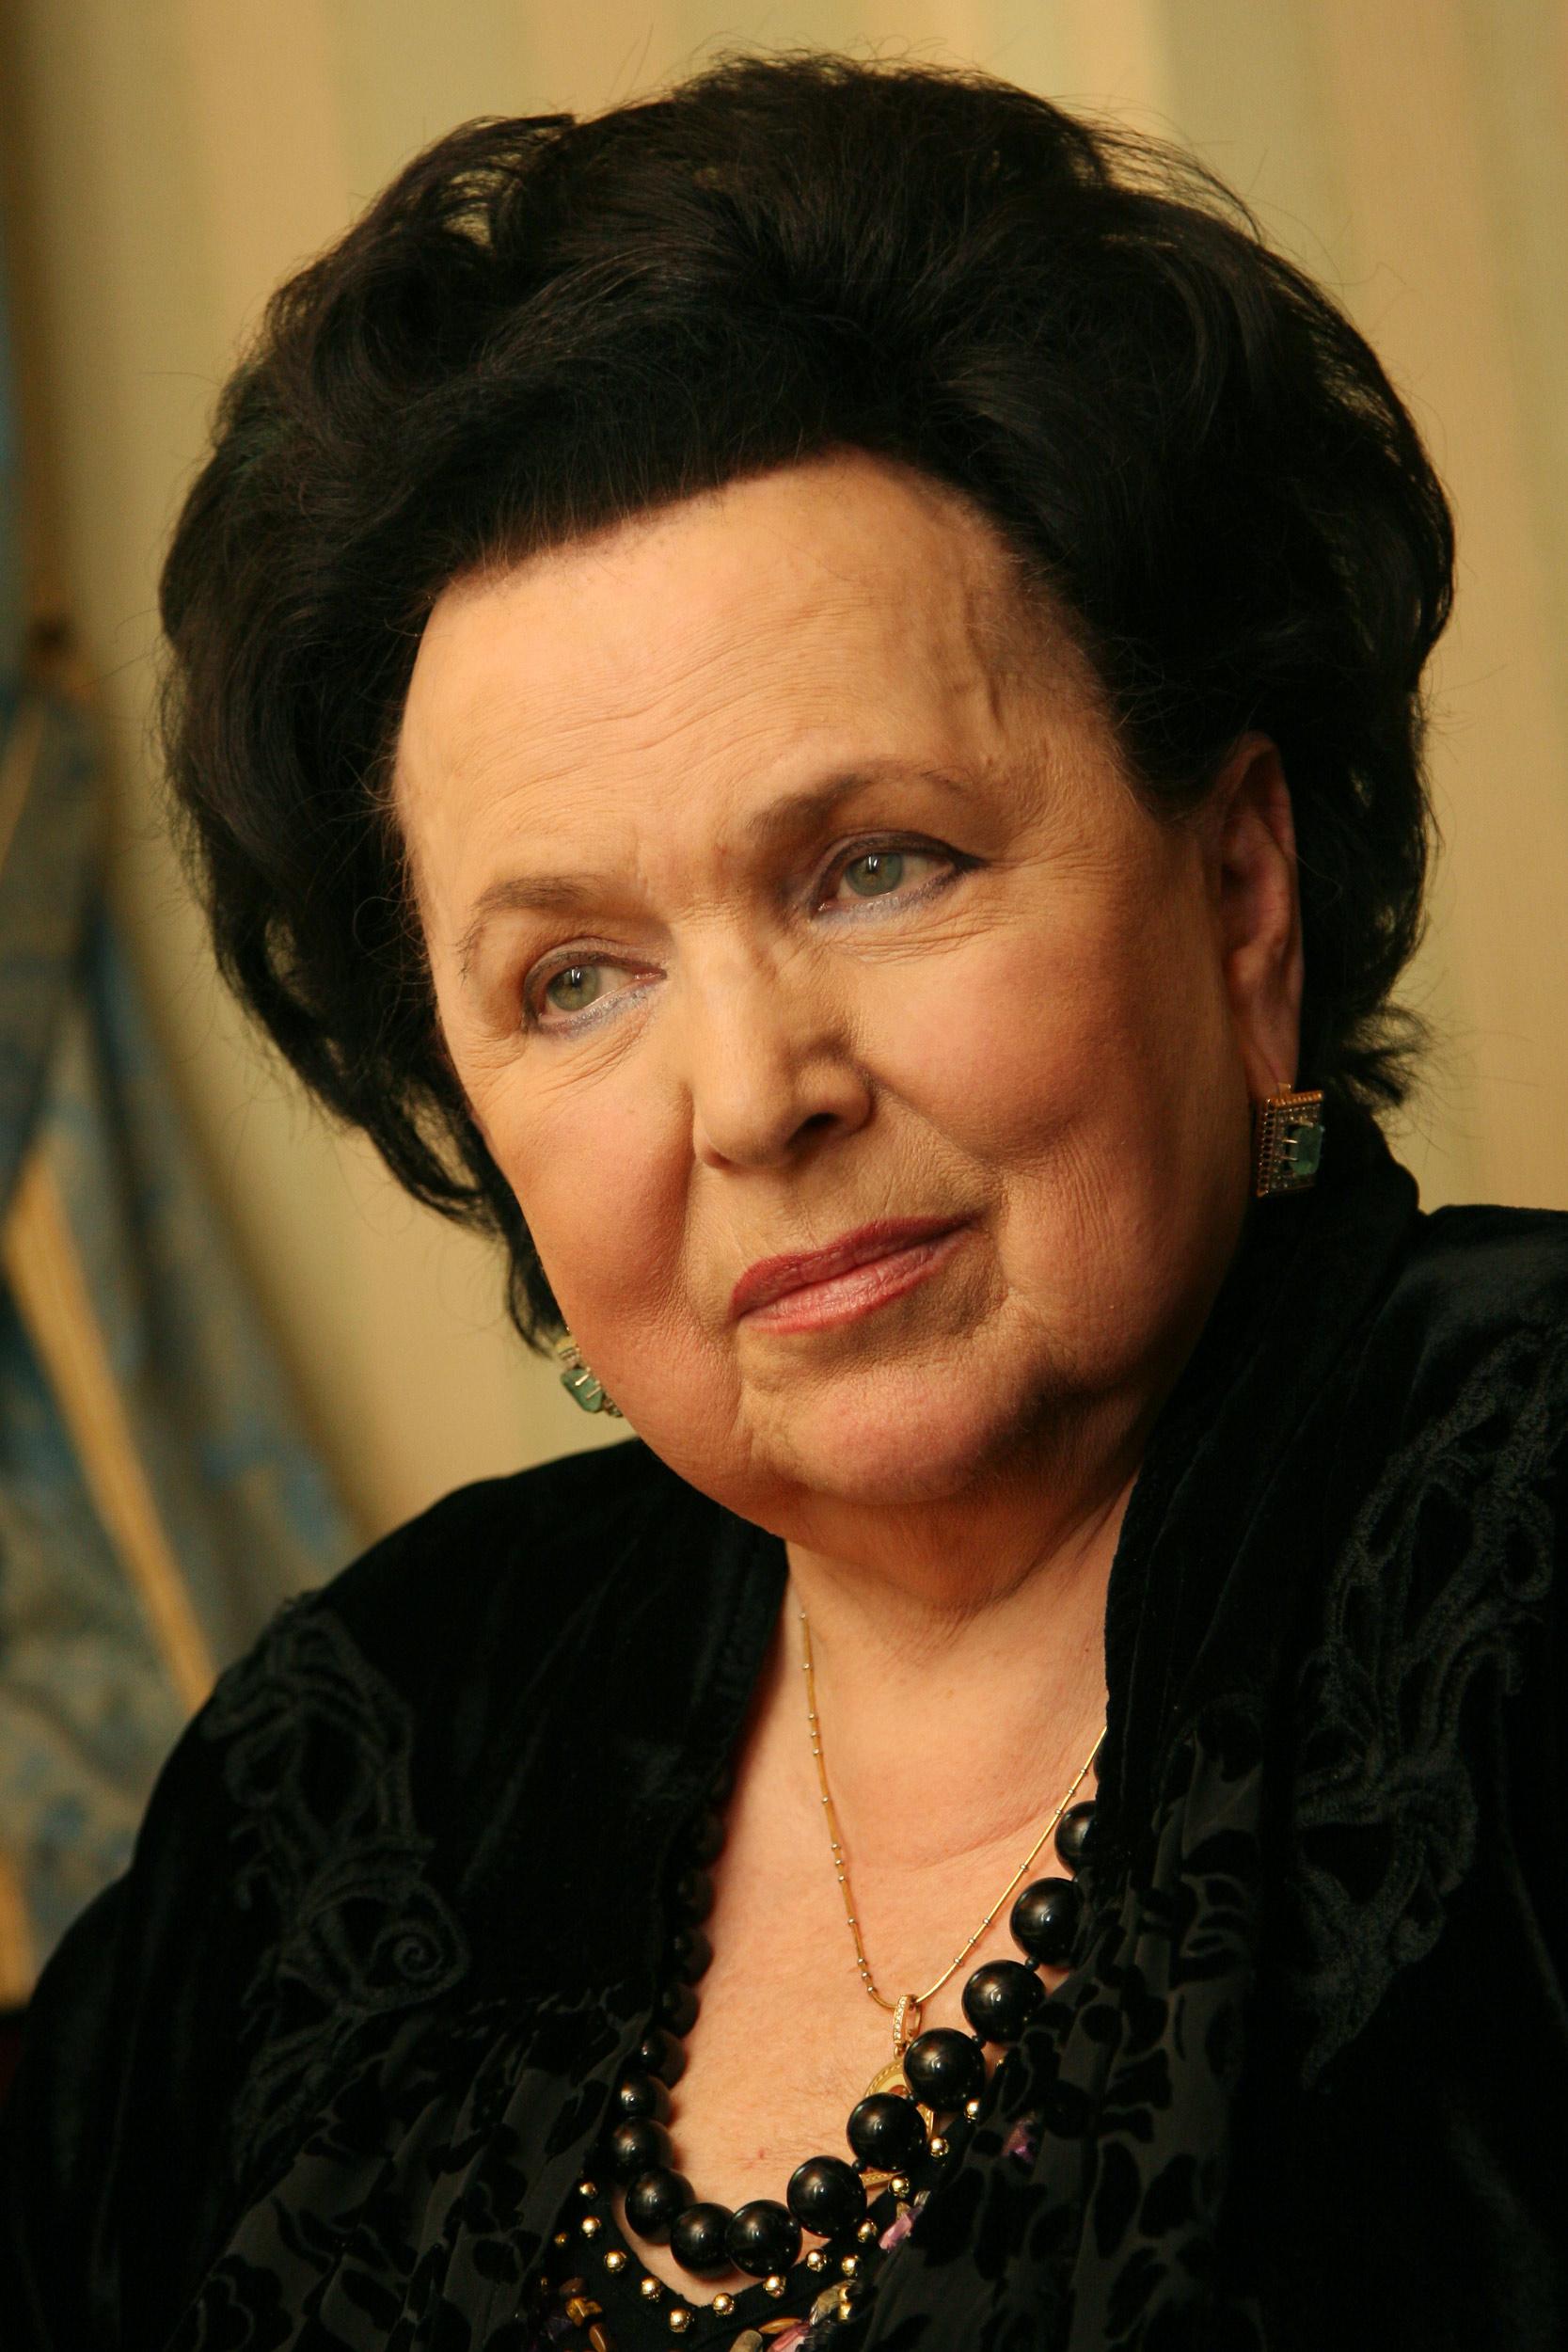 Советские певицы фото 9 фотография